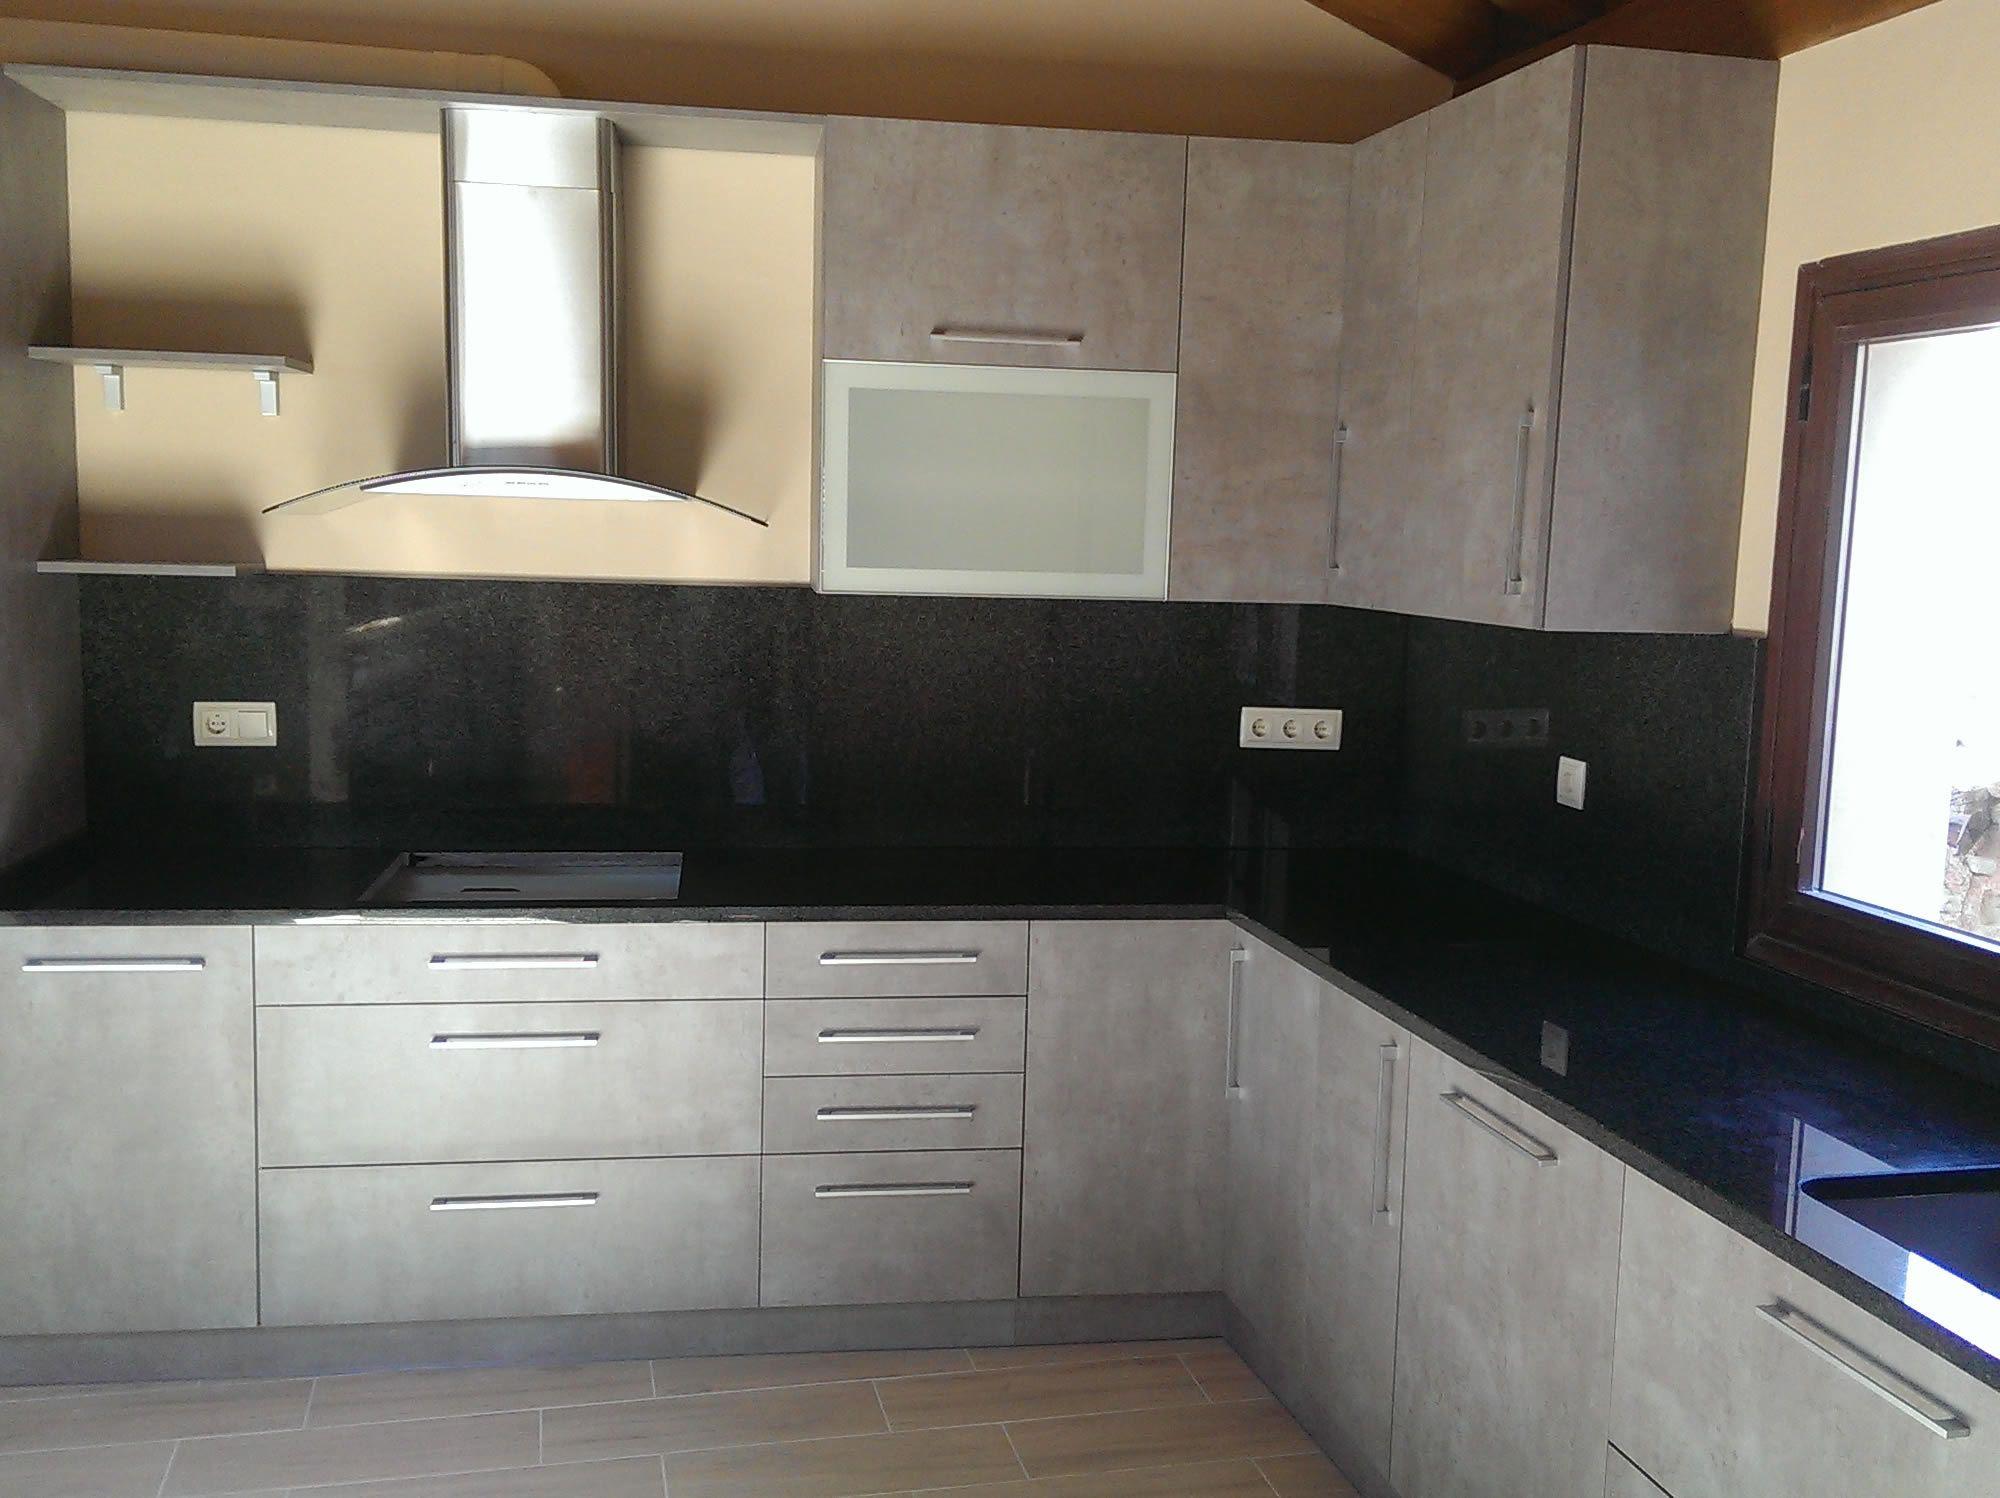 Encimeras de cocina Granito Negro Sudáfrica